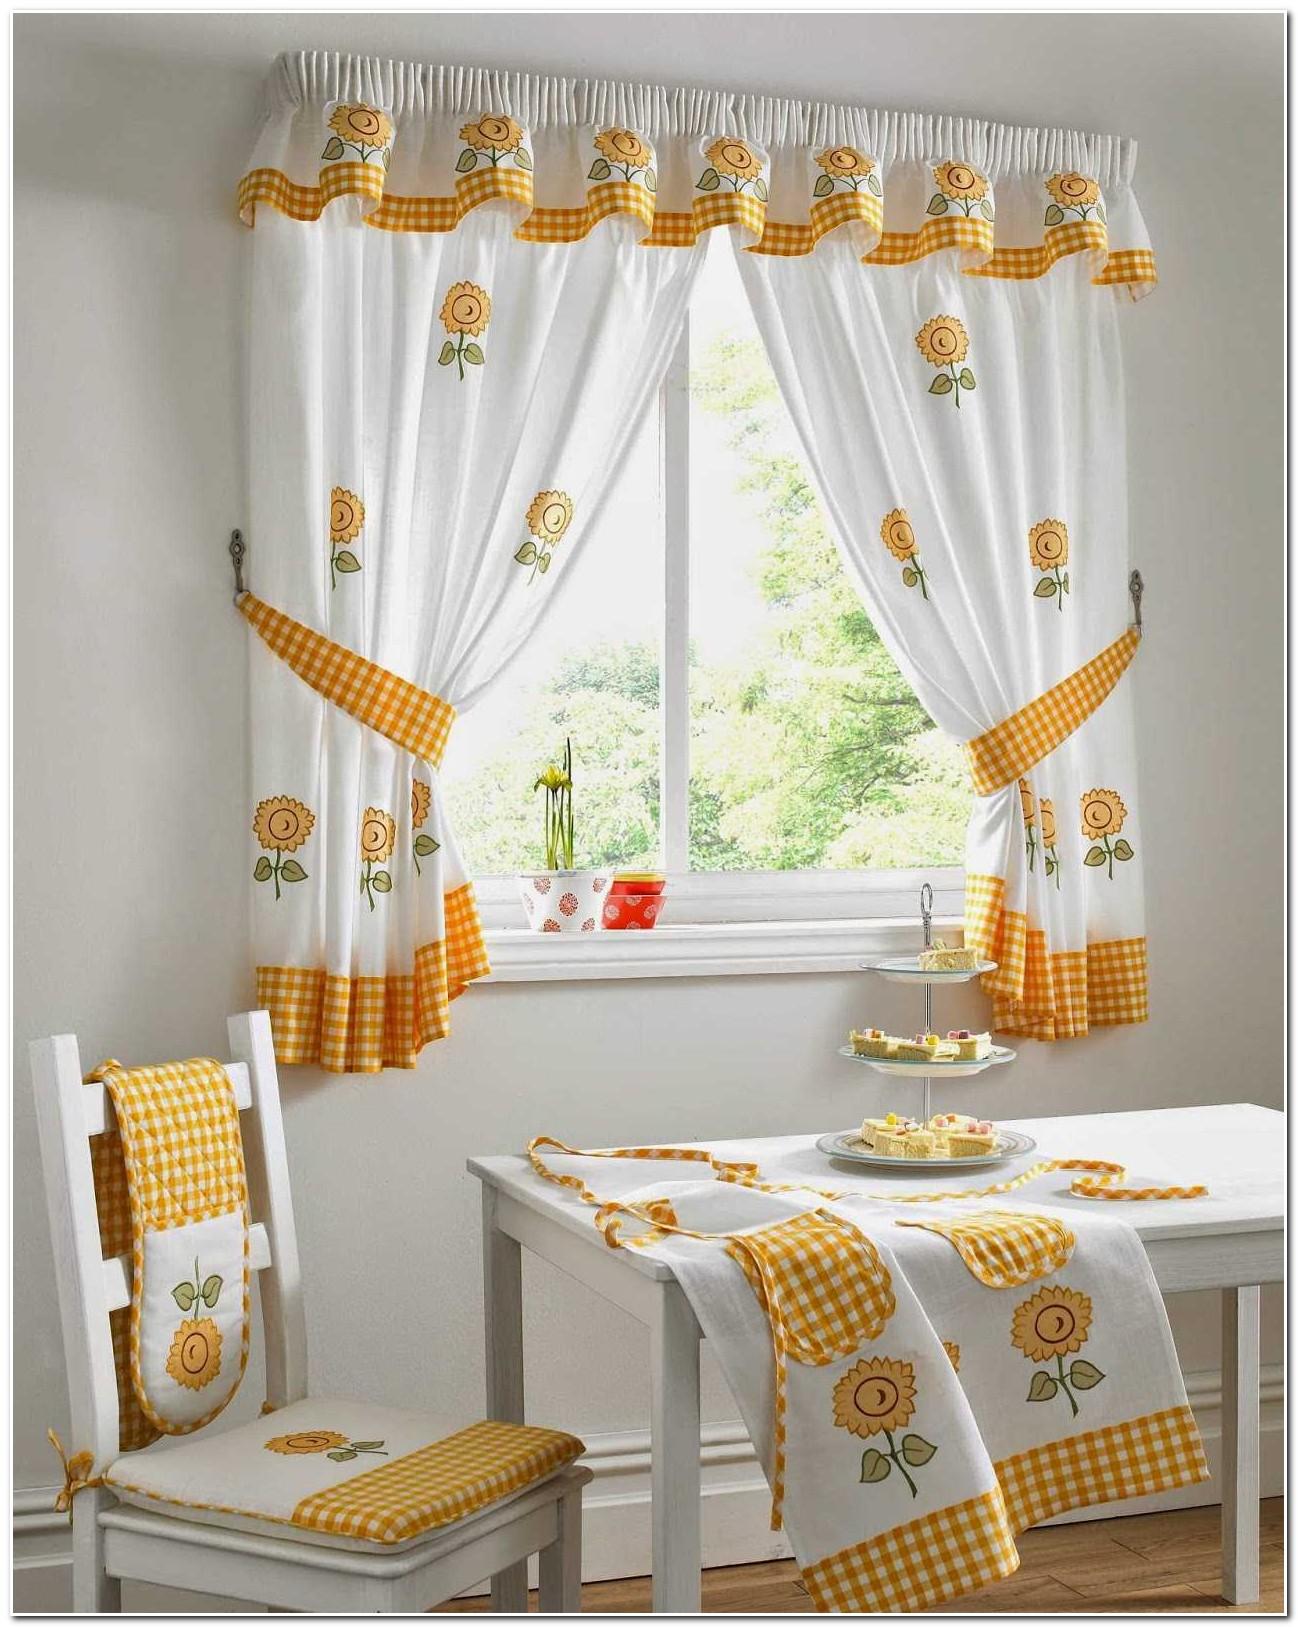 Rideau De Cuisine Style Campagne Of Rideau De Cuisine Style Campagne Rideau Id Es De